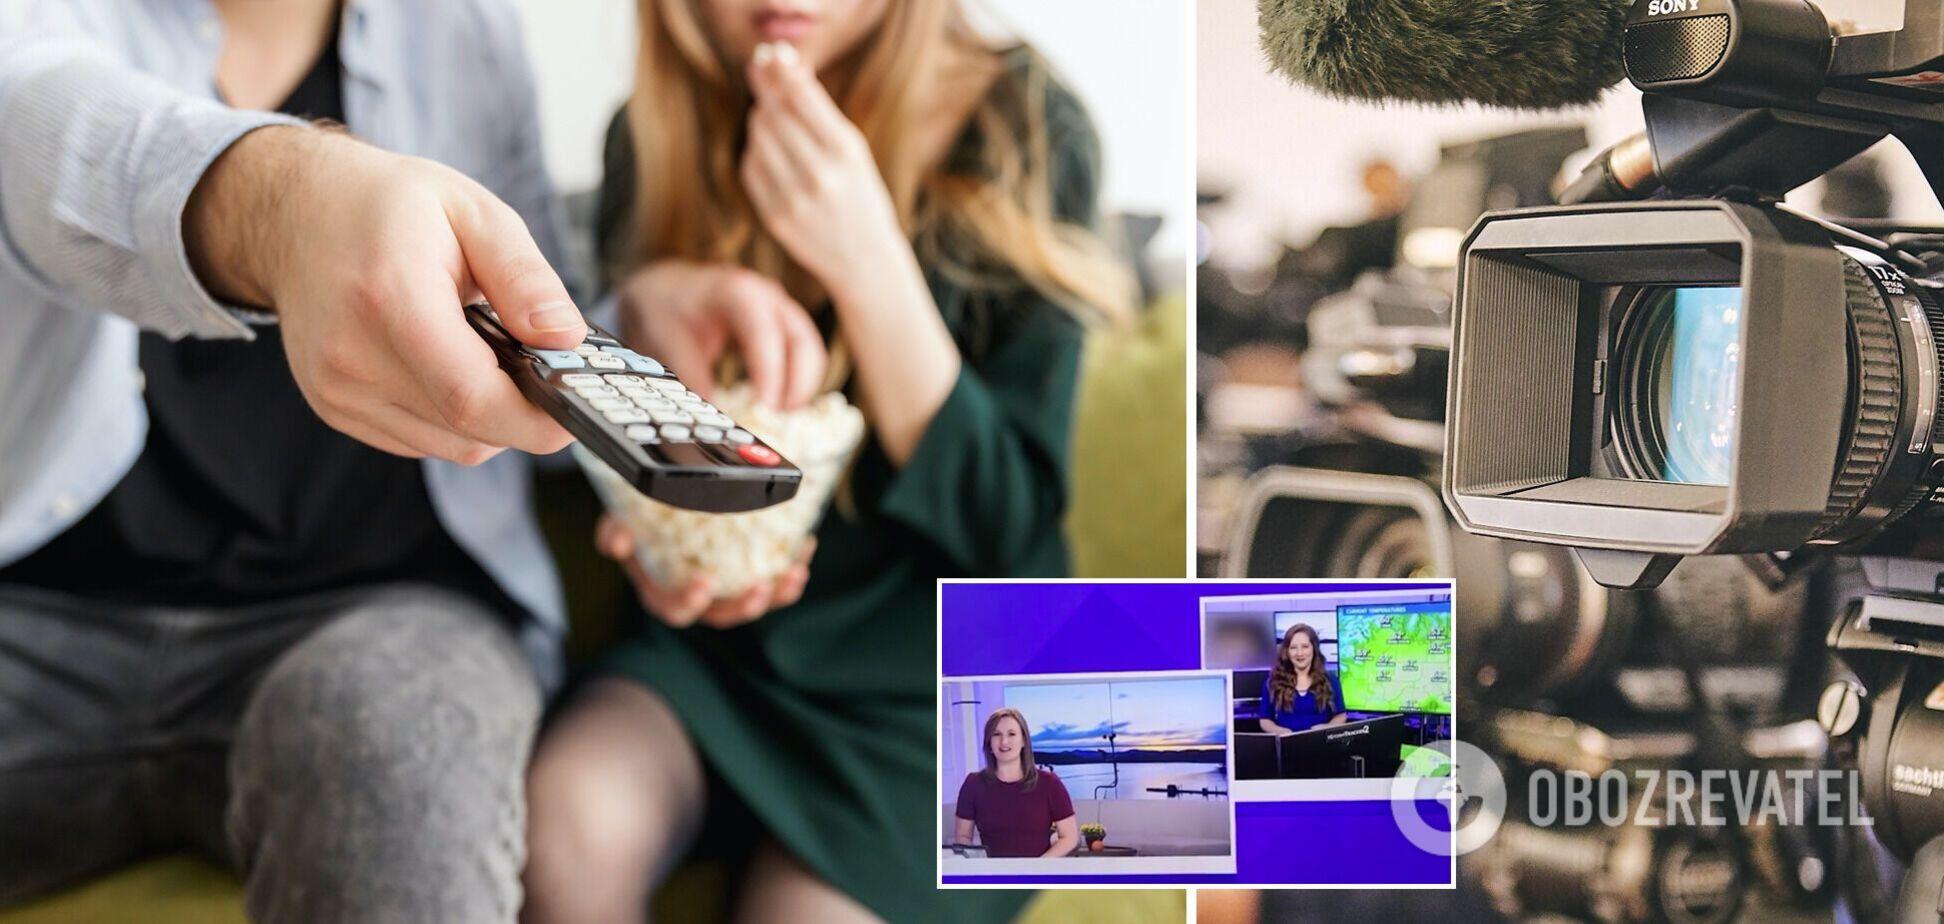 Курйоз на телеканалі